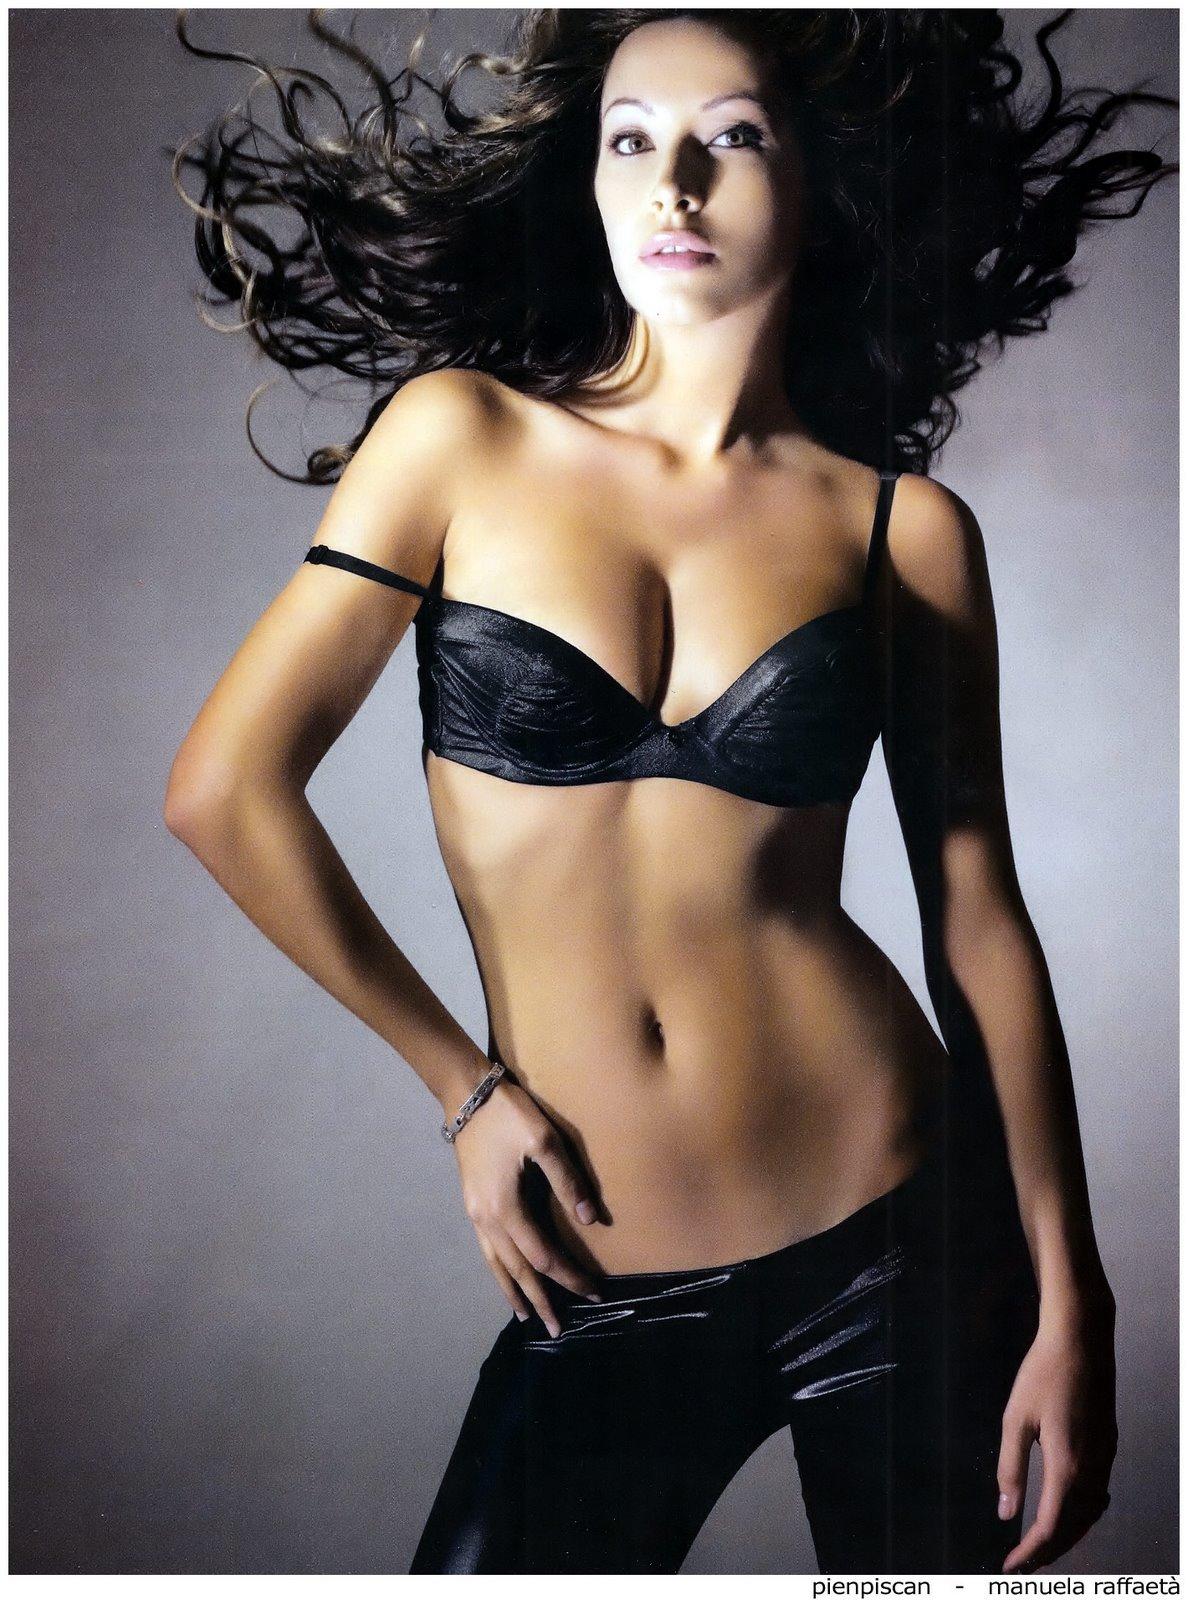 http://4.bp.blogspot.com/_tTFhyocinO0/TCR3VnoXleI/AAAAAAAAFCA/JAJJl3aNQVs/s1600/Manuela+Raffaet%C3%A0.jpg